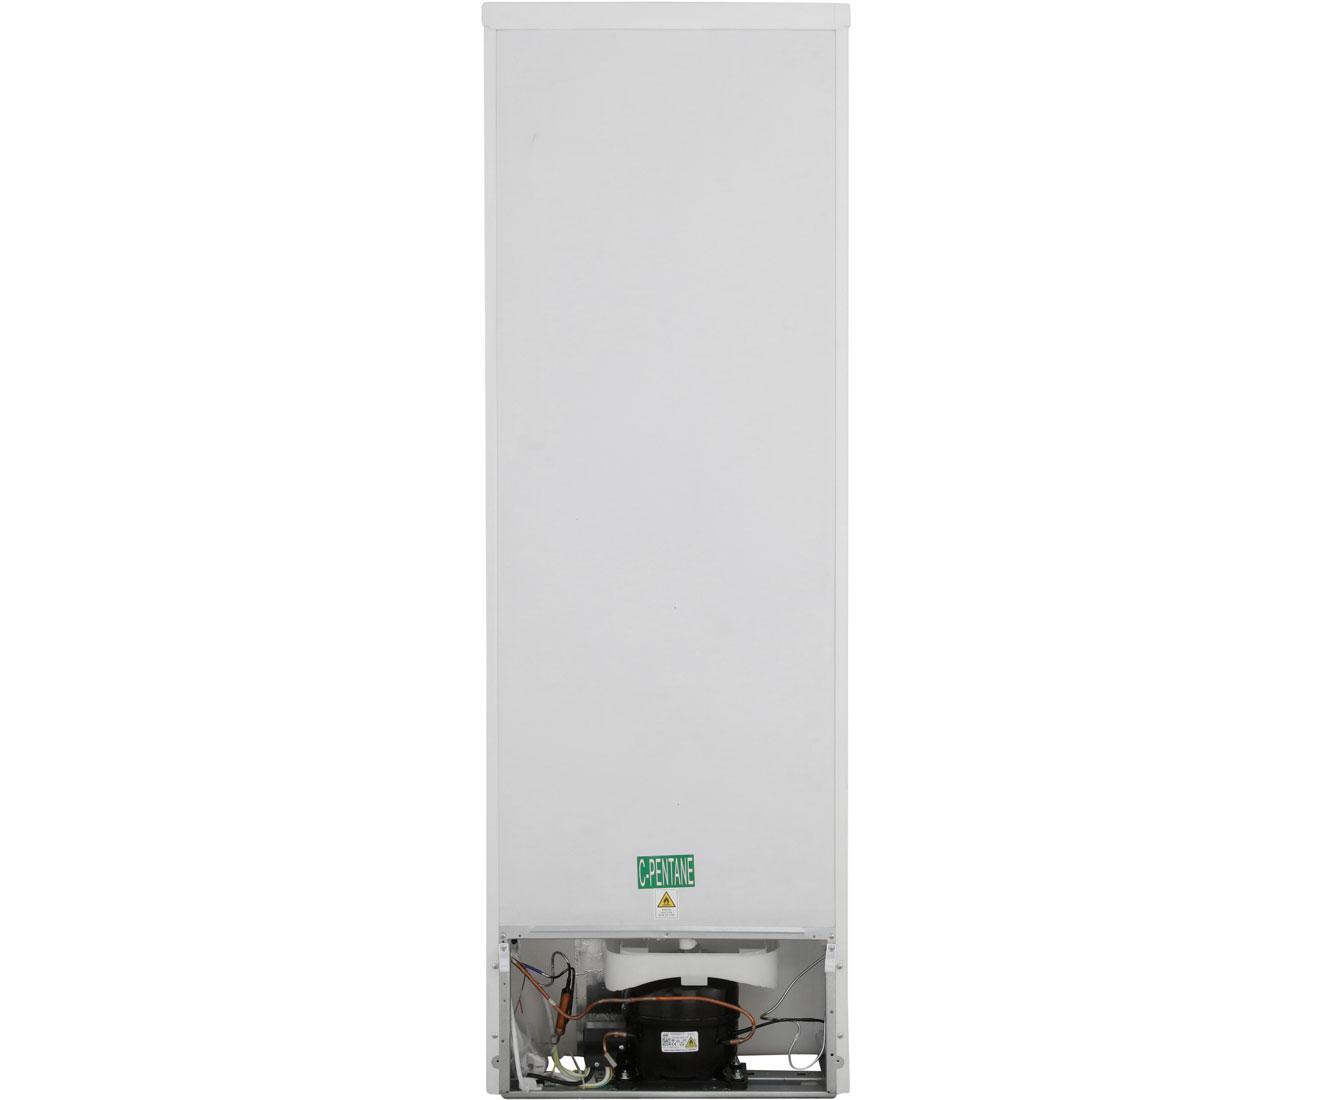 Amica Kühlschrank Türgriff : Amica kgc e kühl gefrierkombination edelstahl optik a